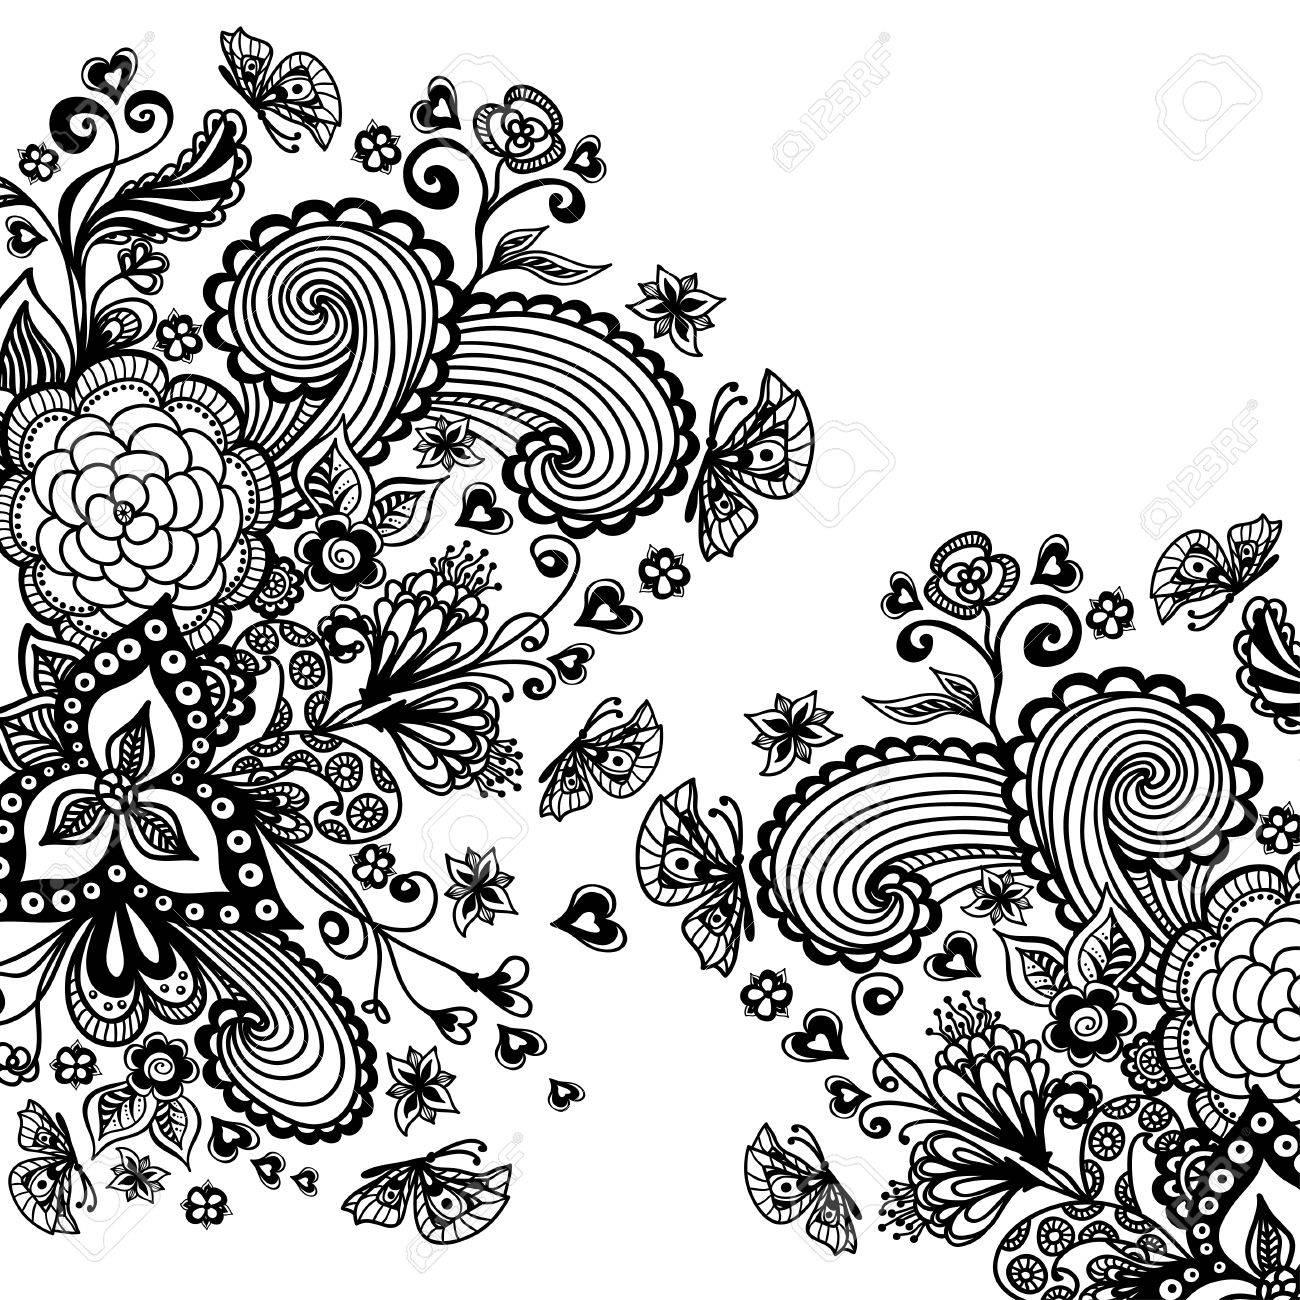 Zen-doodle Hintergrund Oder Muster Mit Blumen Schmetterlinge Herzen ...